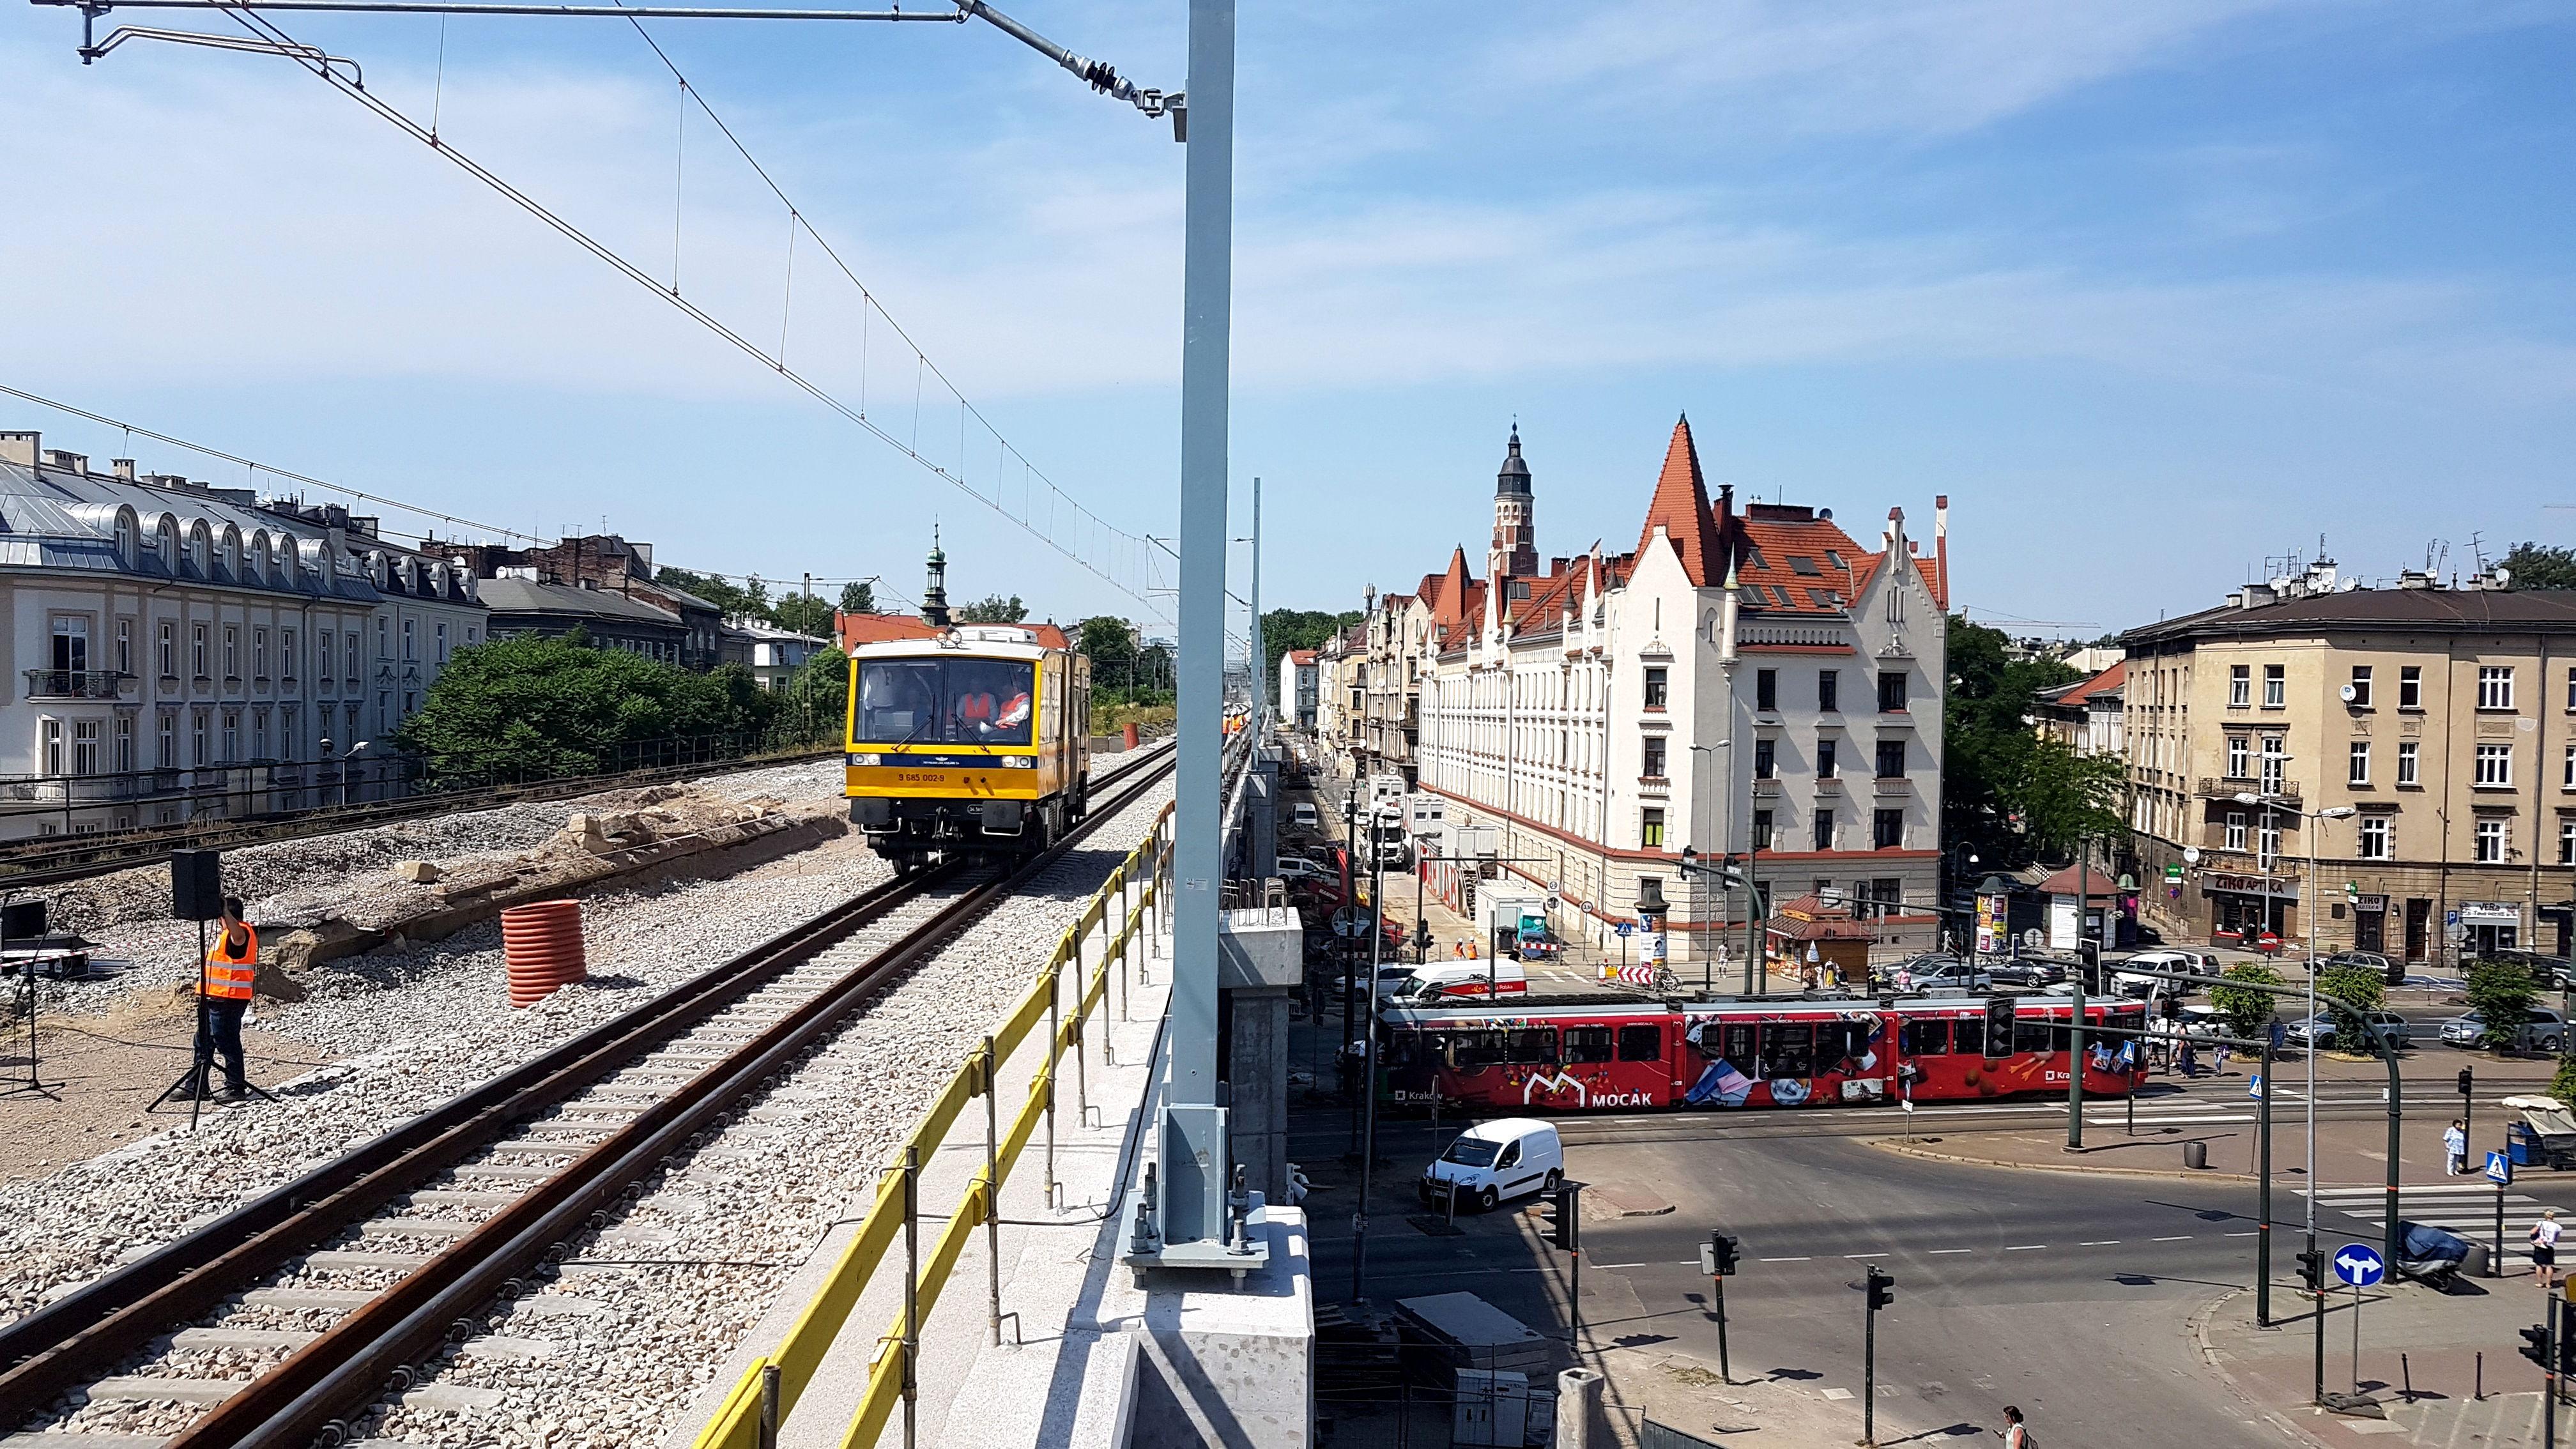 Zdjęcie drezyny jadącej po nowej estakadzie w centrum Krakowa.